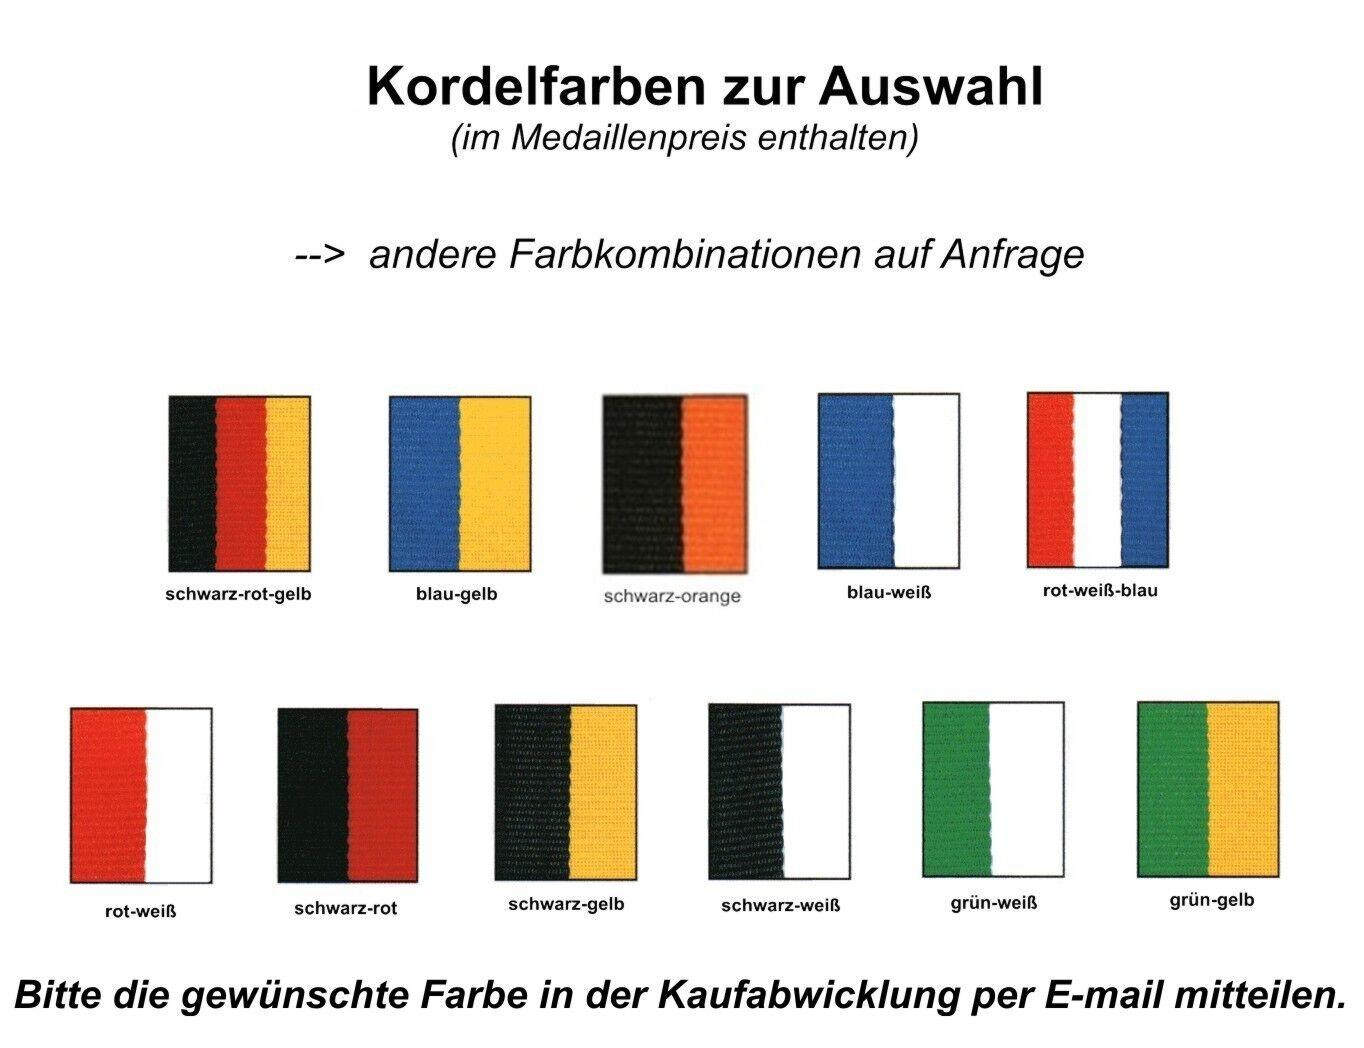 50 Stk.Medaillen Stk.Medaillen Stk.Medaillen D12C (d=40mm) SILBER mit Emblem & Kordel nur 34,25 EUR a6ed91